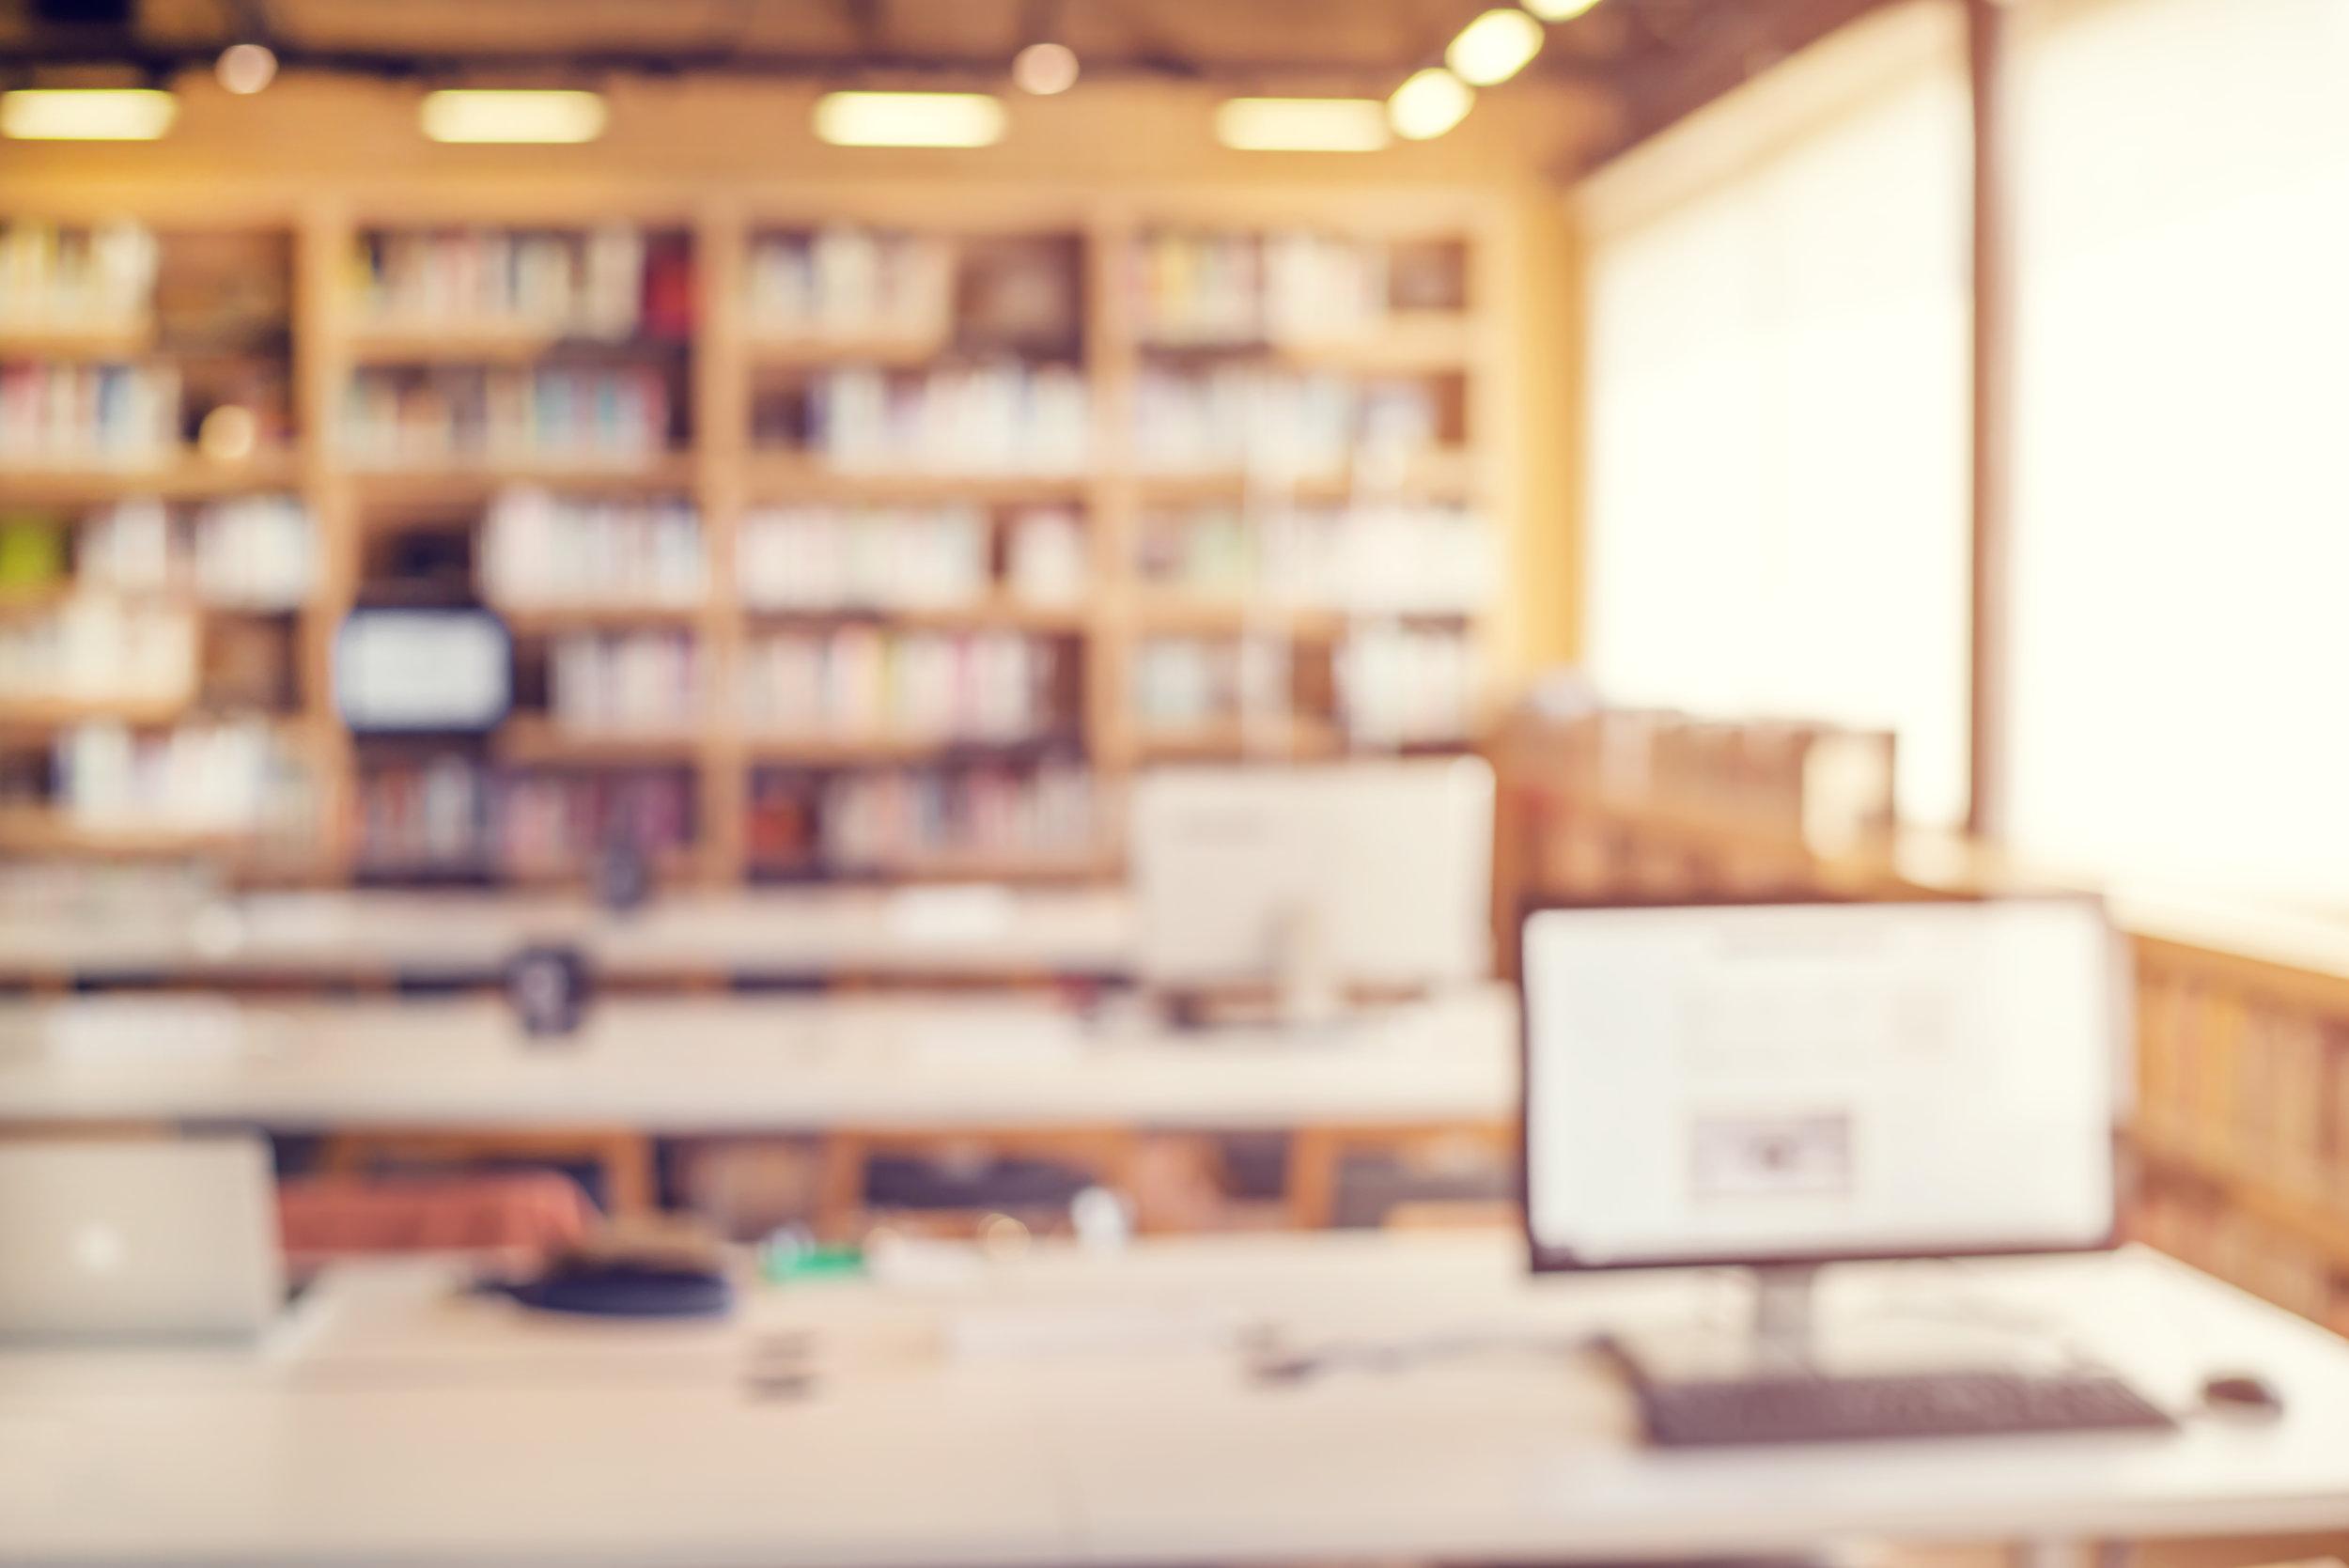 Espresso Tutorials eBook Library - Jumpstart your SAP knowledge!